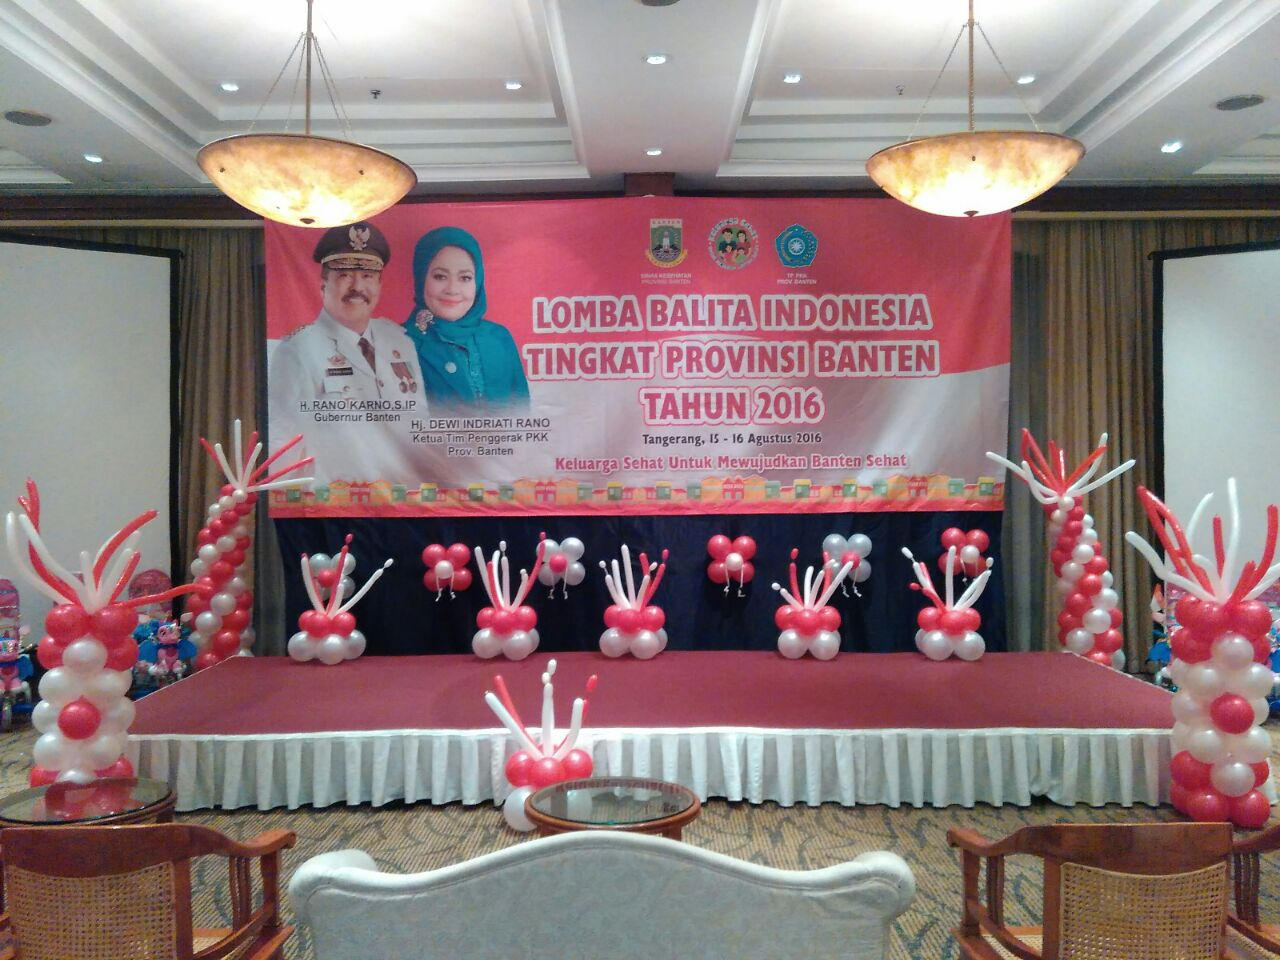 dekorasi panggung